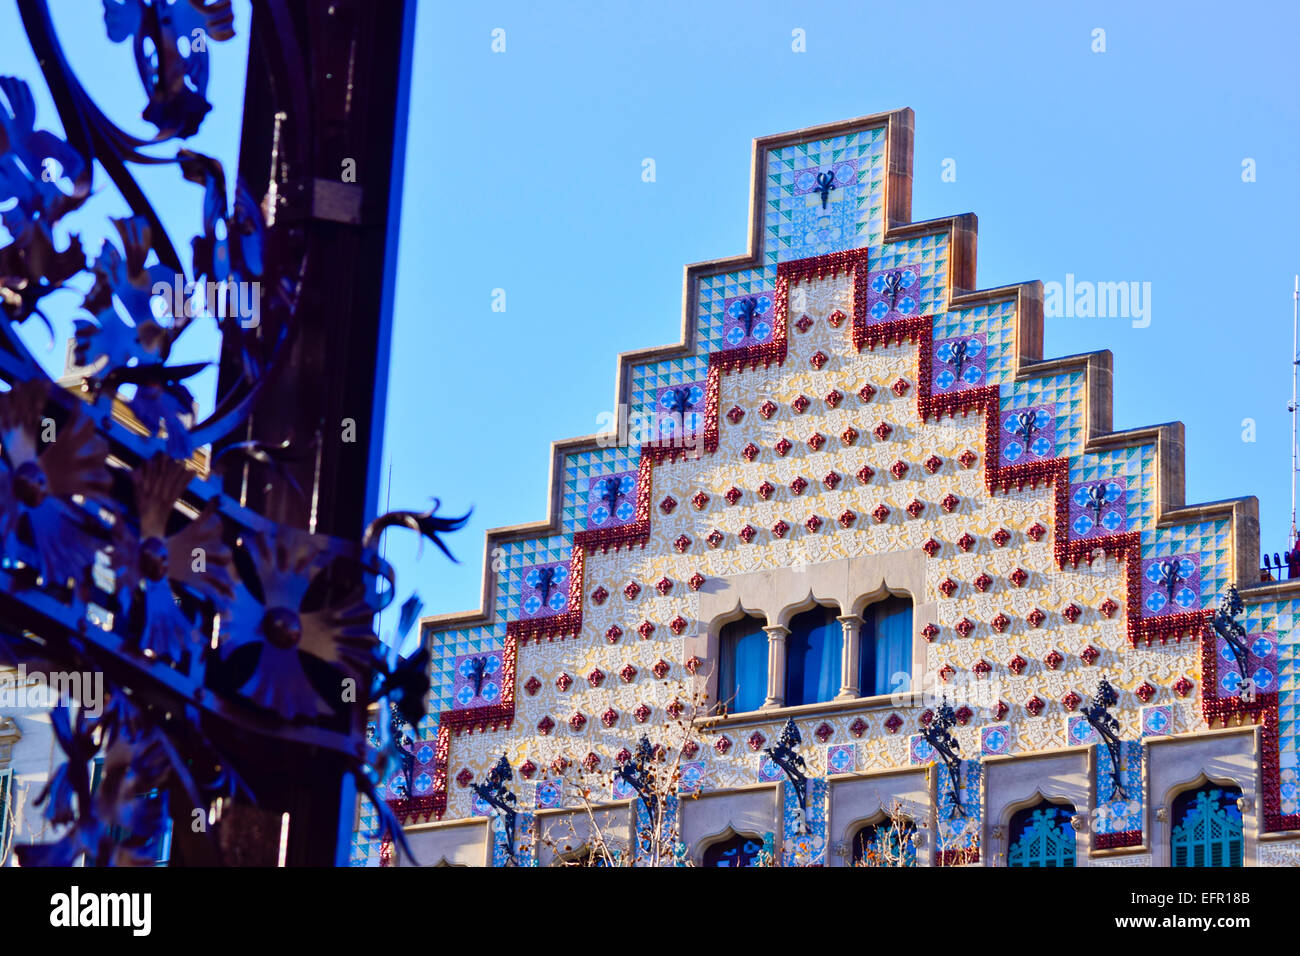 Casa Amatller by Josep Puig i Cadafalch architect. Passeig de Gracia, Barcelona, Spain. - Stock Image